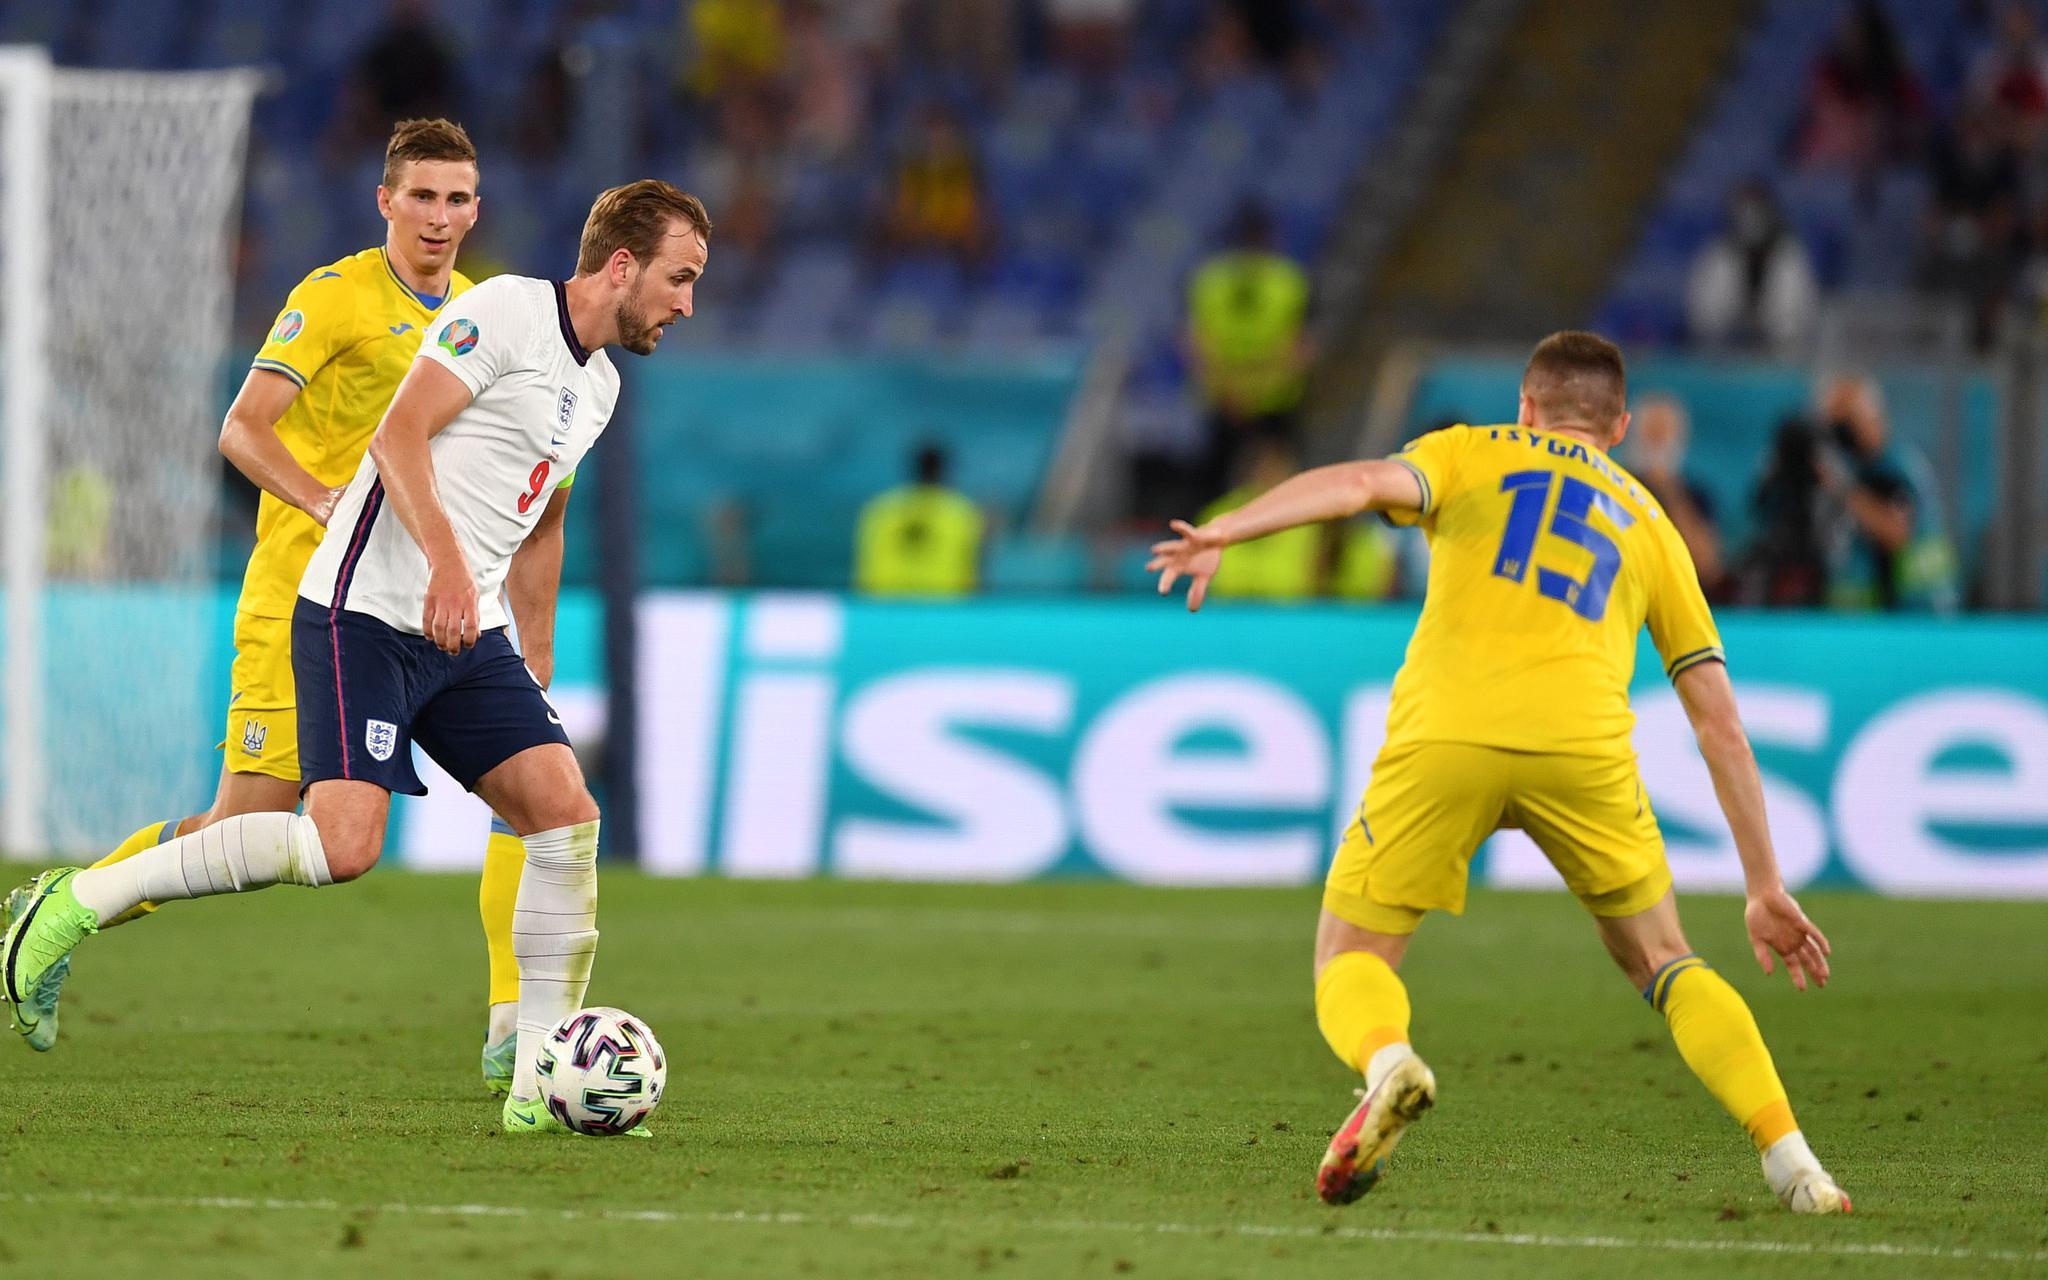 欧洲杯4强:英意夺冠呼声最高,丹麦渴望再写童话